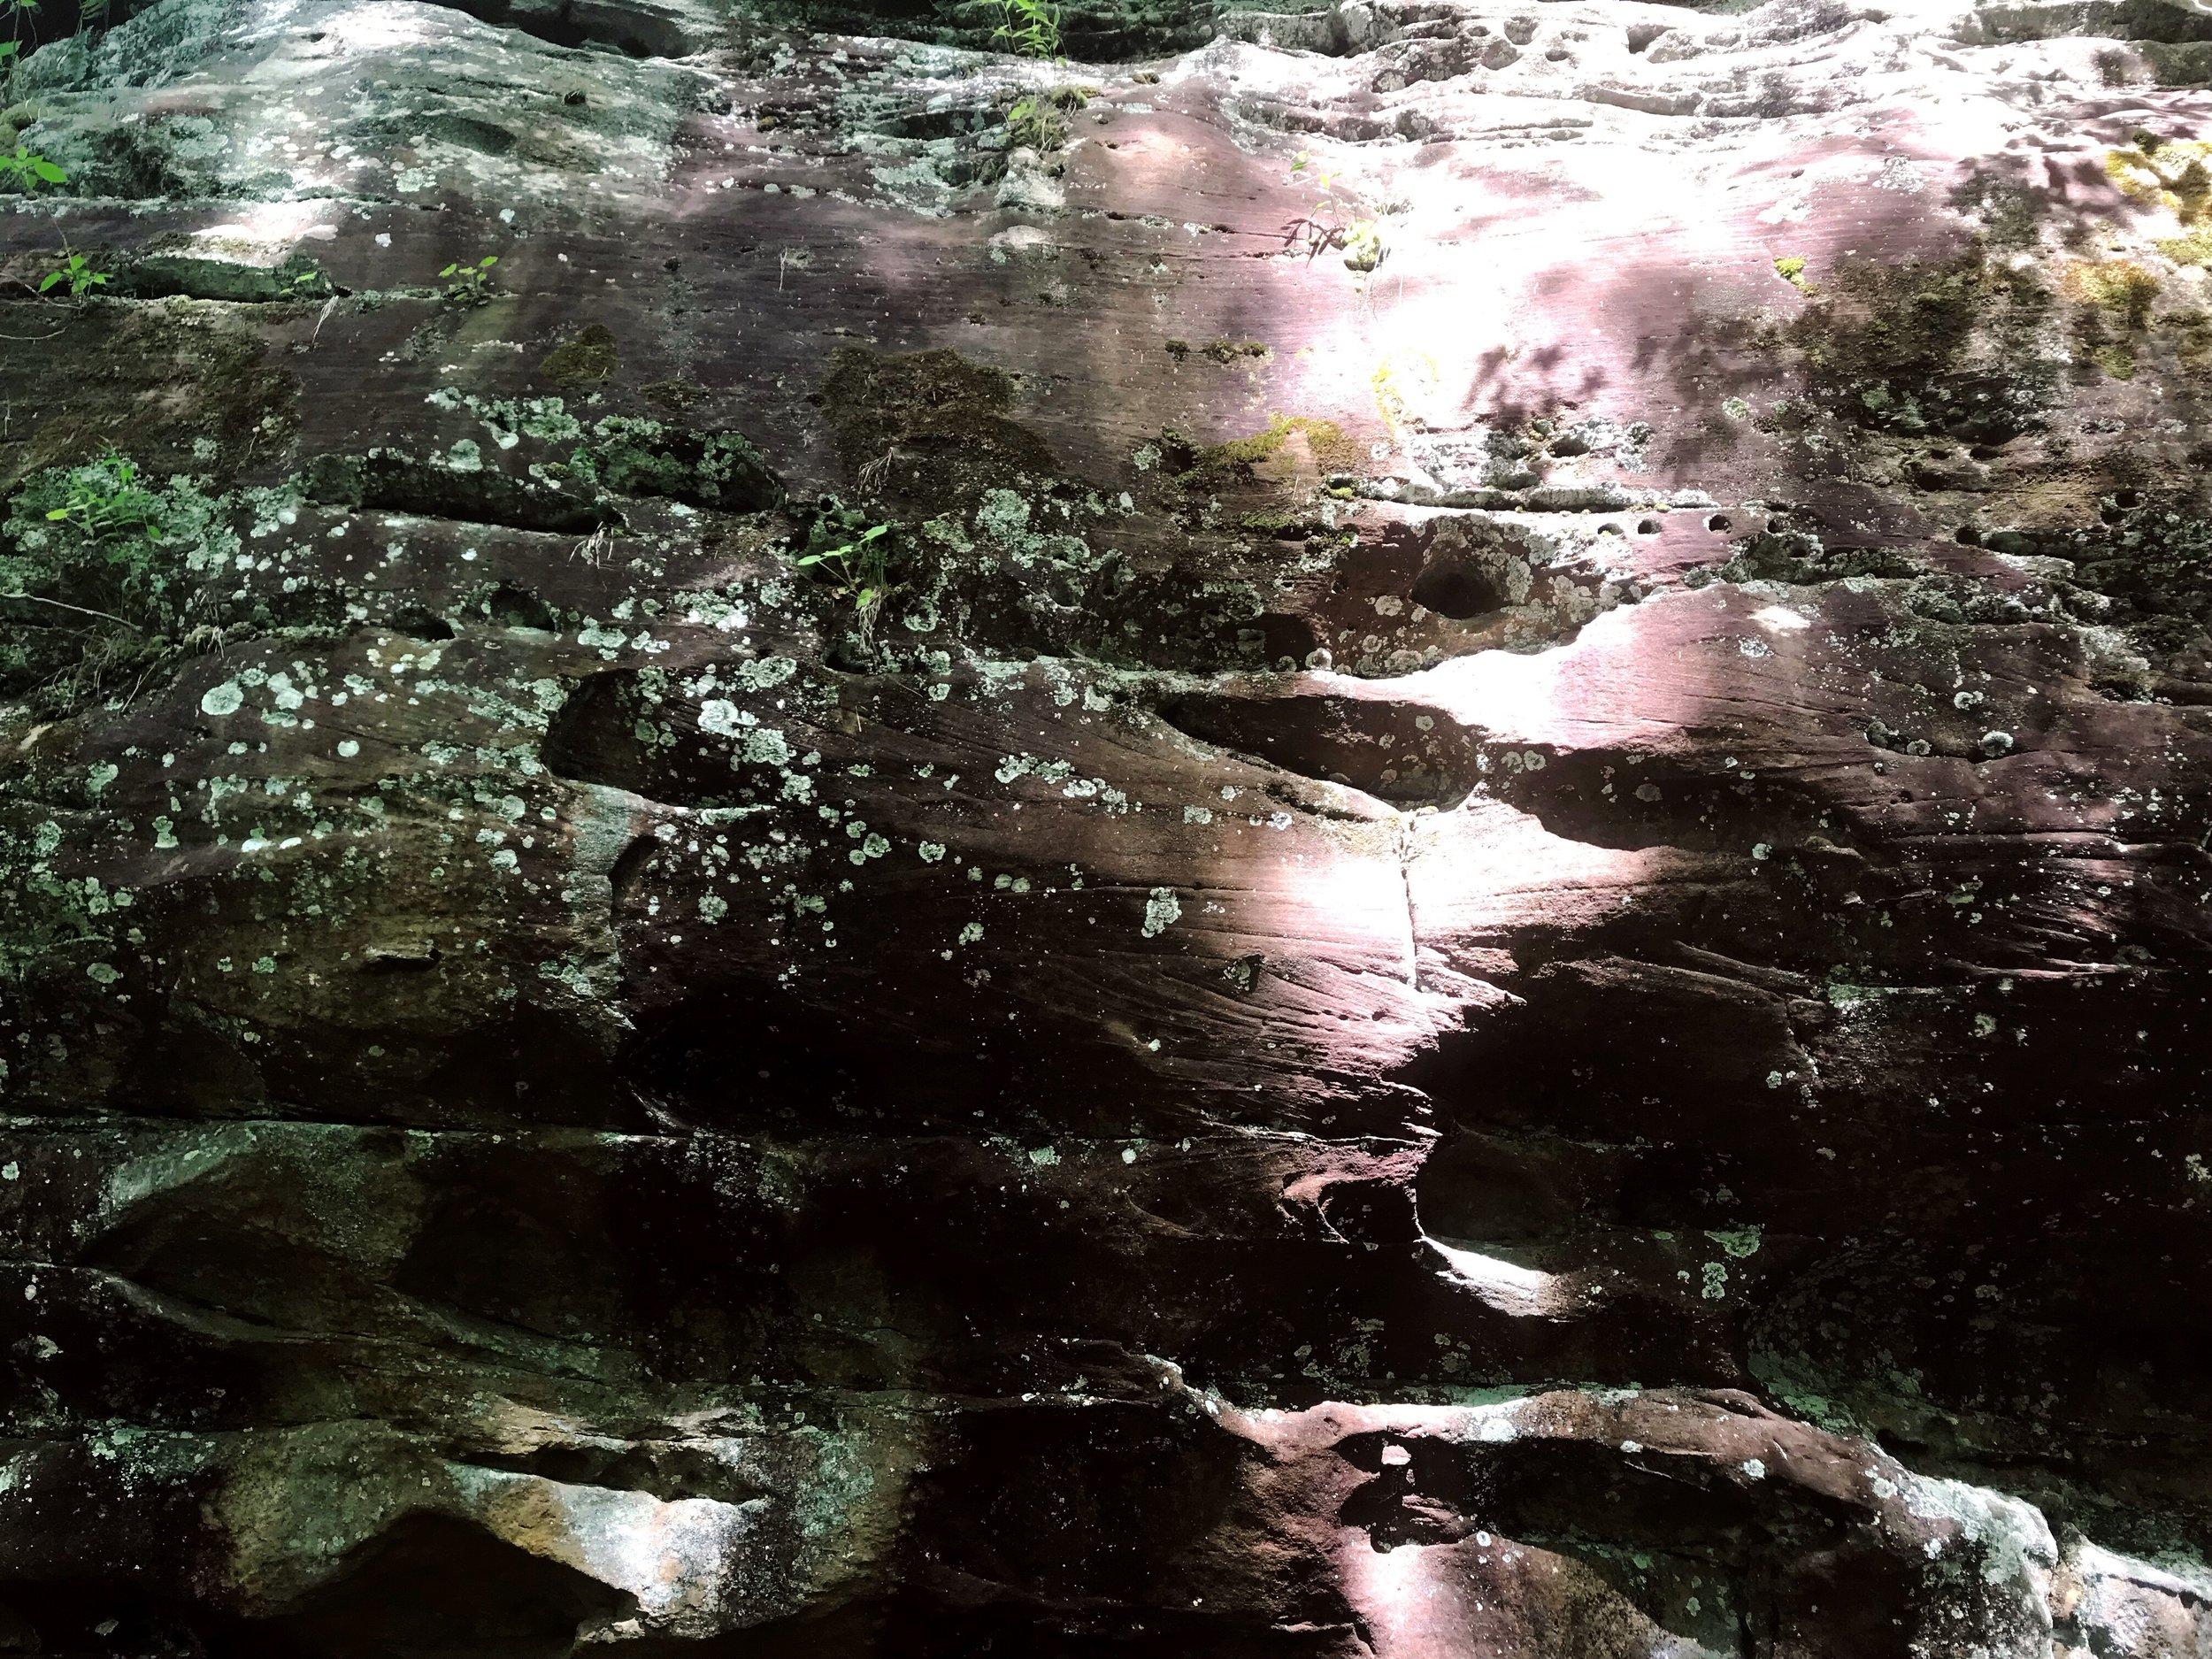 fern-clyffe-waterfall-11.JPG